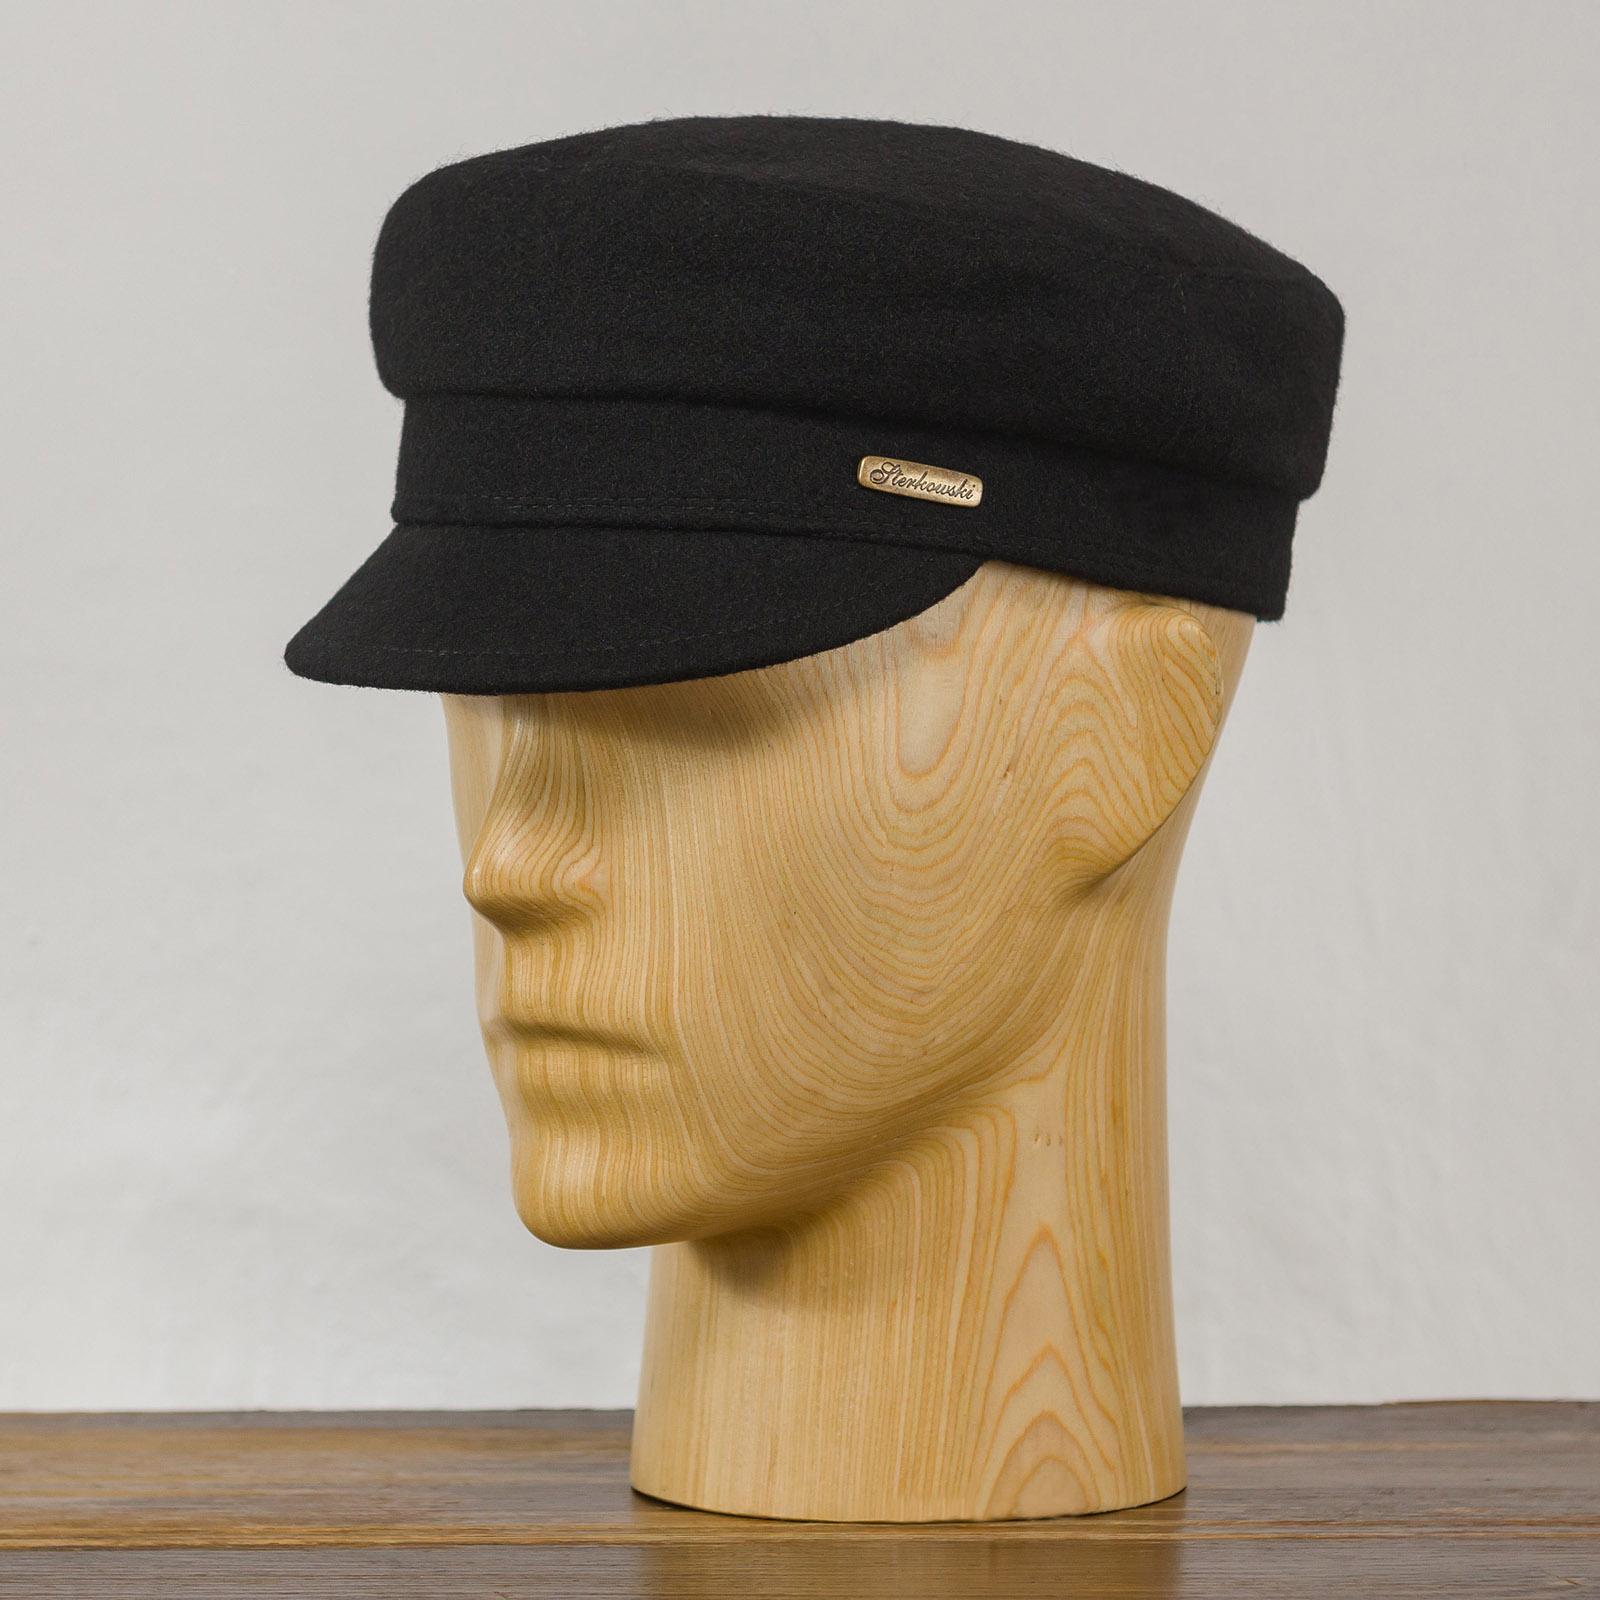 Fidler- mütze mit schirm für männer und frauen, elegante kopfbedeckung